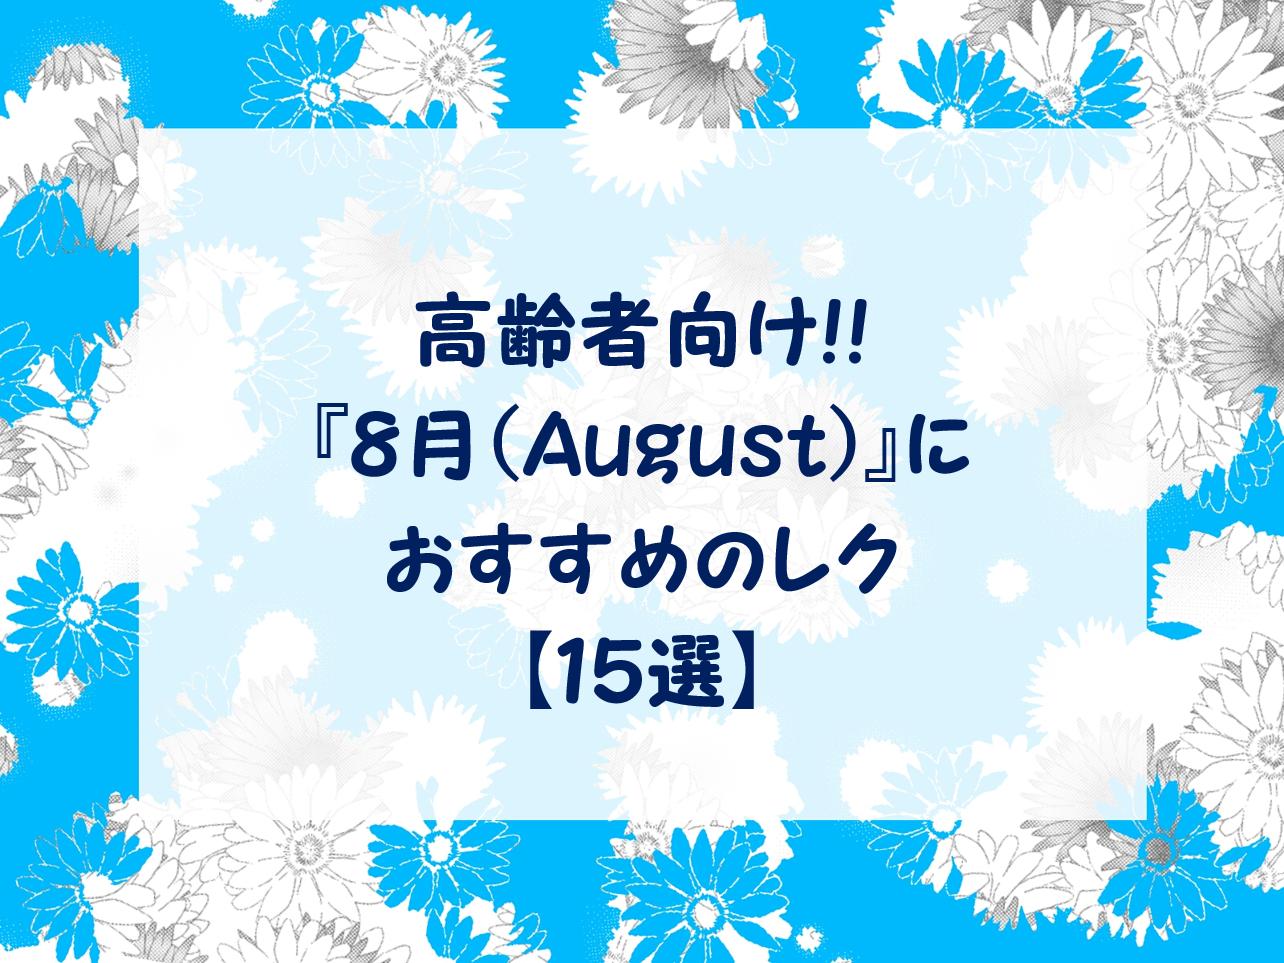 【8月のレクリエーション 24選】介護士必見!!デイサービスでお勧めレクを紹介!